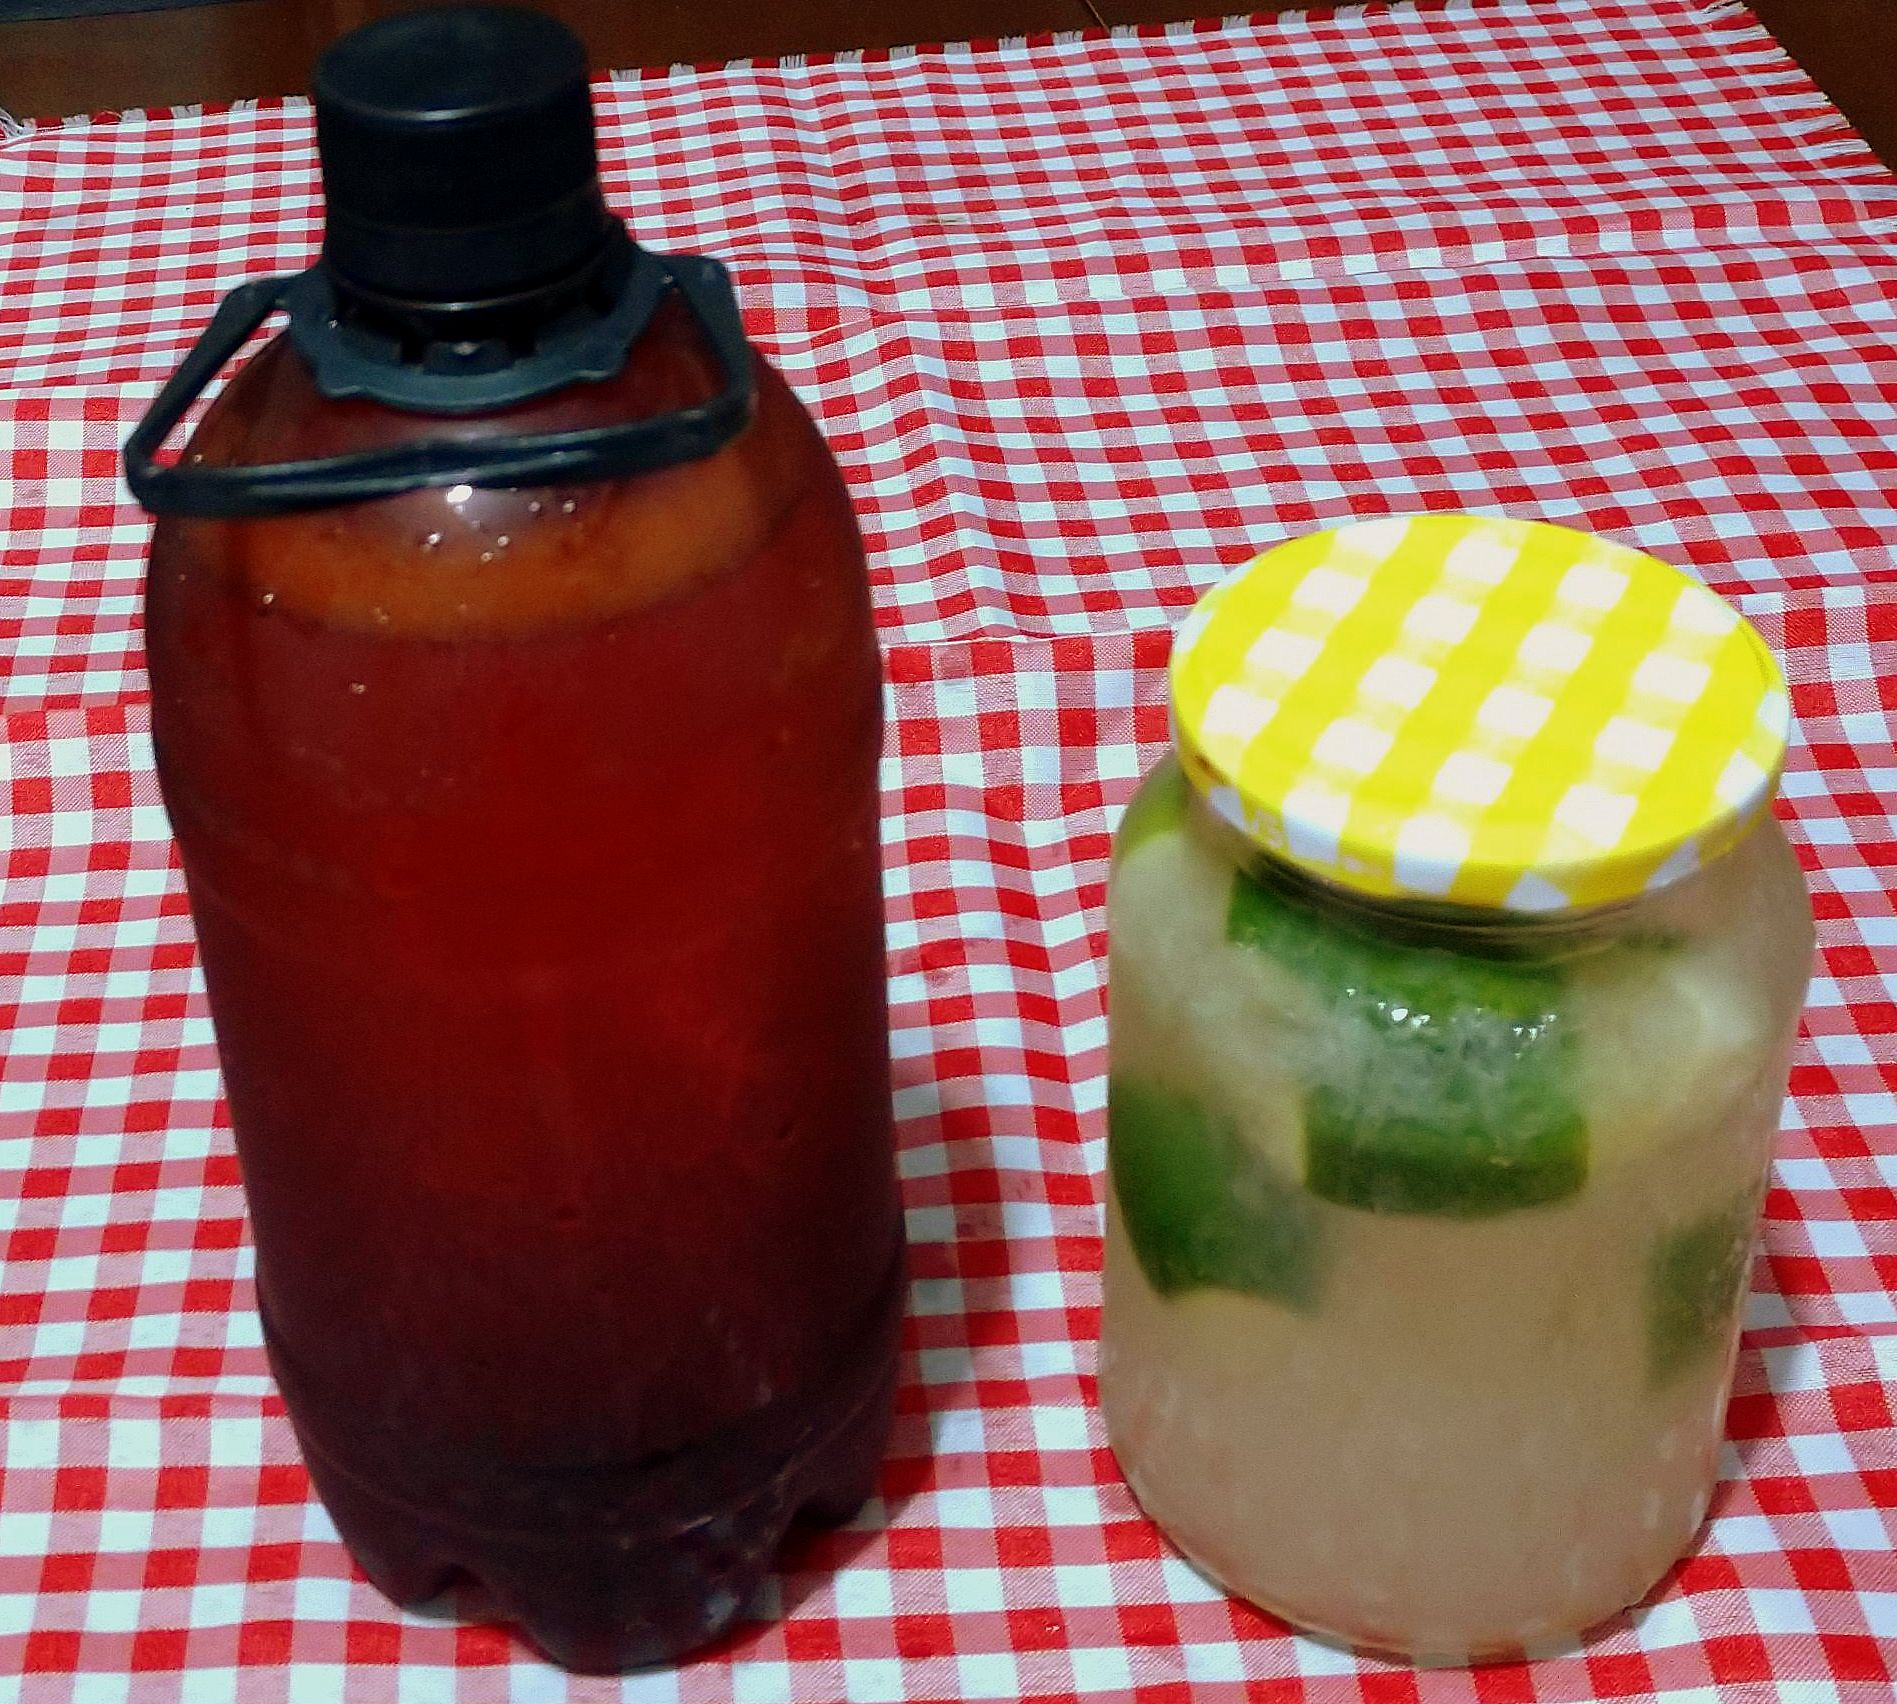 Para beber, growler de chope e pote de caipirinha.